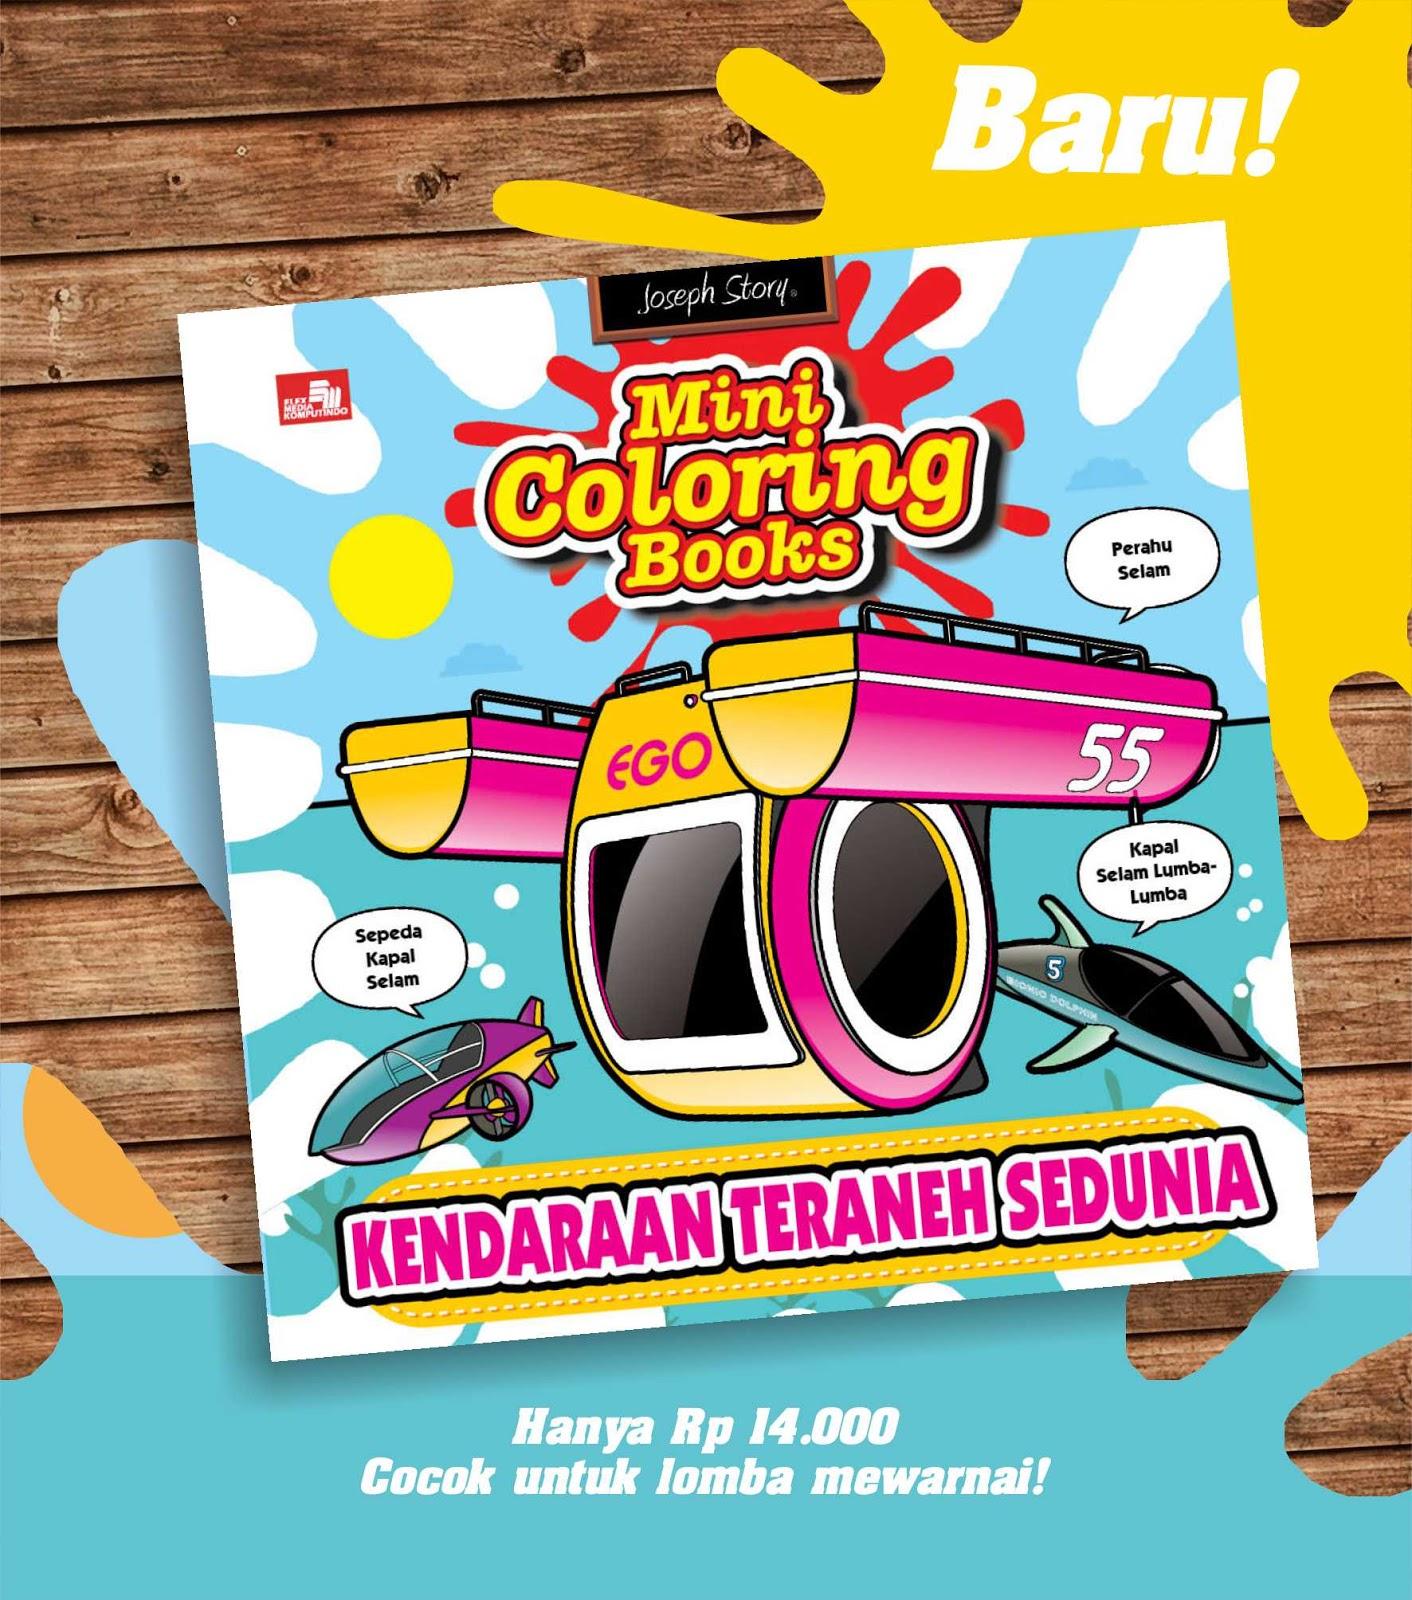 Atau Anda Bisa Beli Online Di Gramedia Mini Coloring Books Kendaraan An Publisher Elex Media Komputidno ISBN 9786020445267